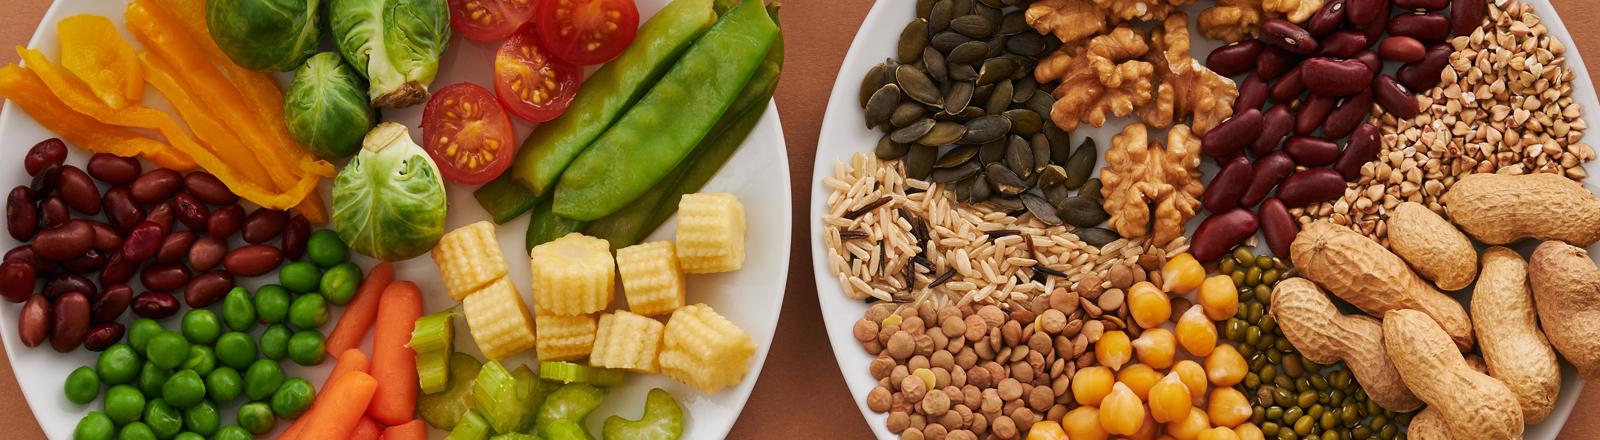 Vegane Leckereien auf zwei Tellern.